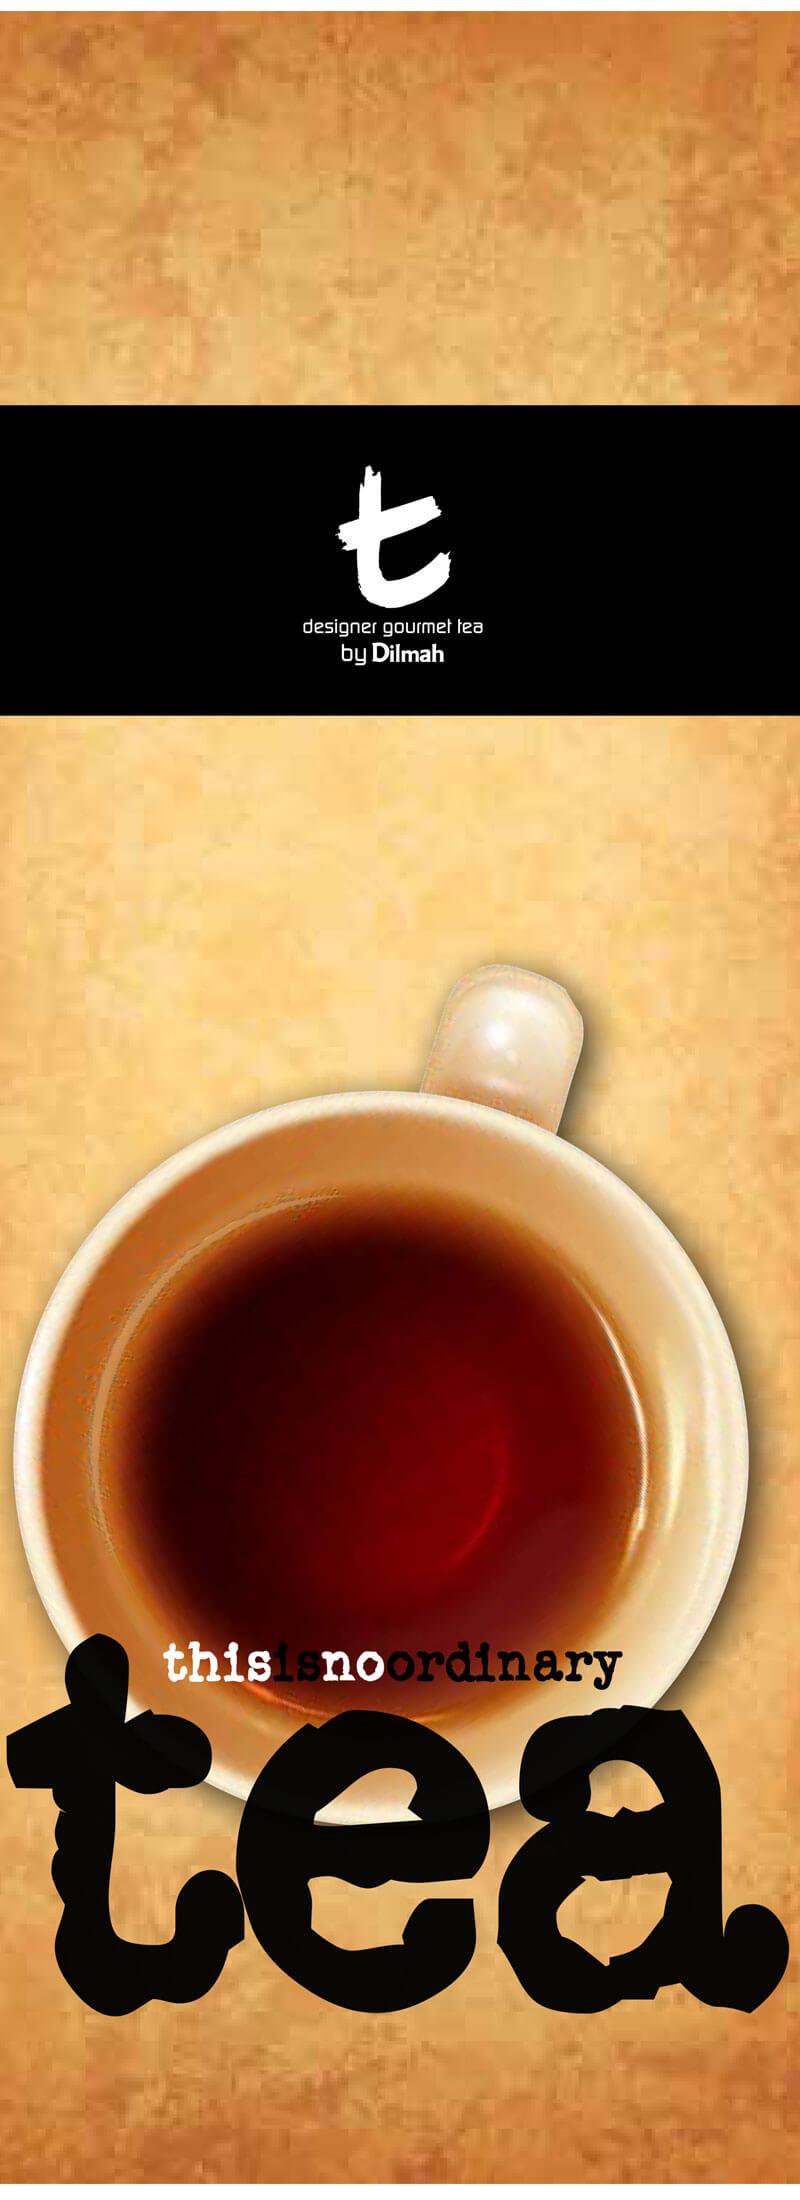 Dilmah t-Series Gourmet Teas